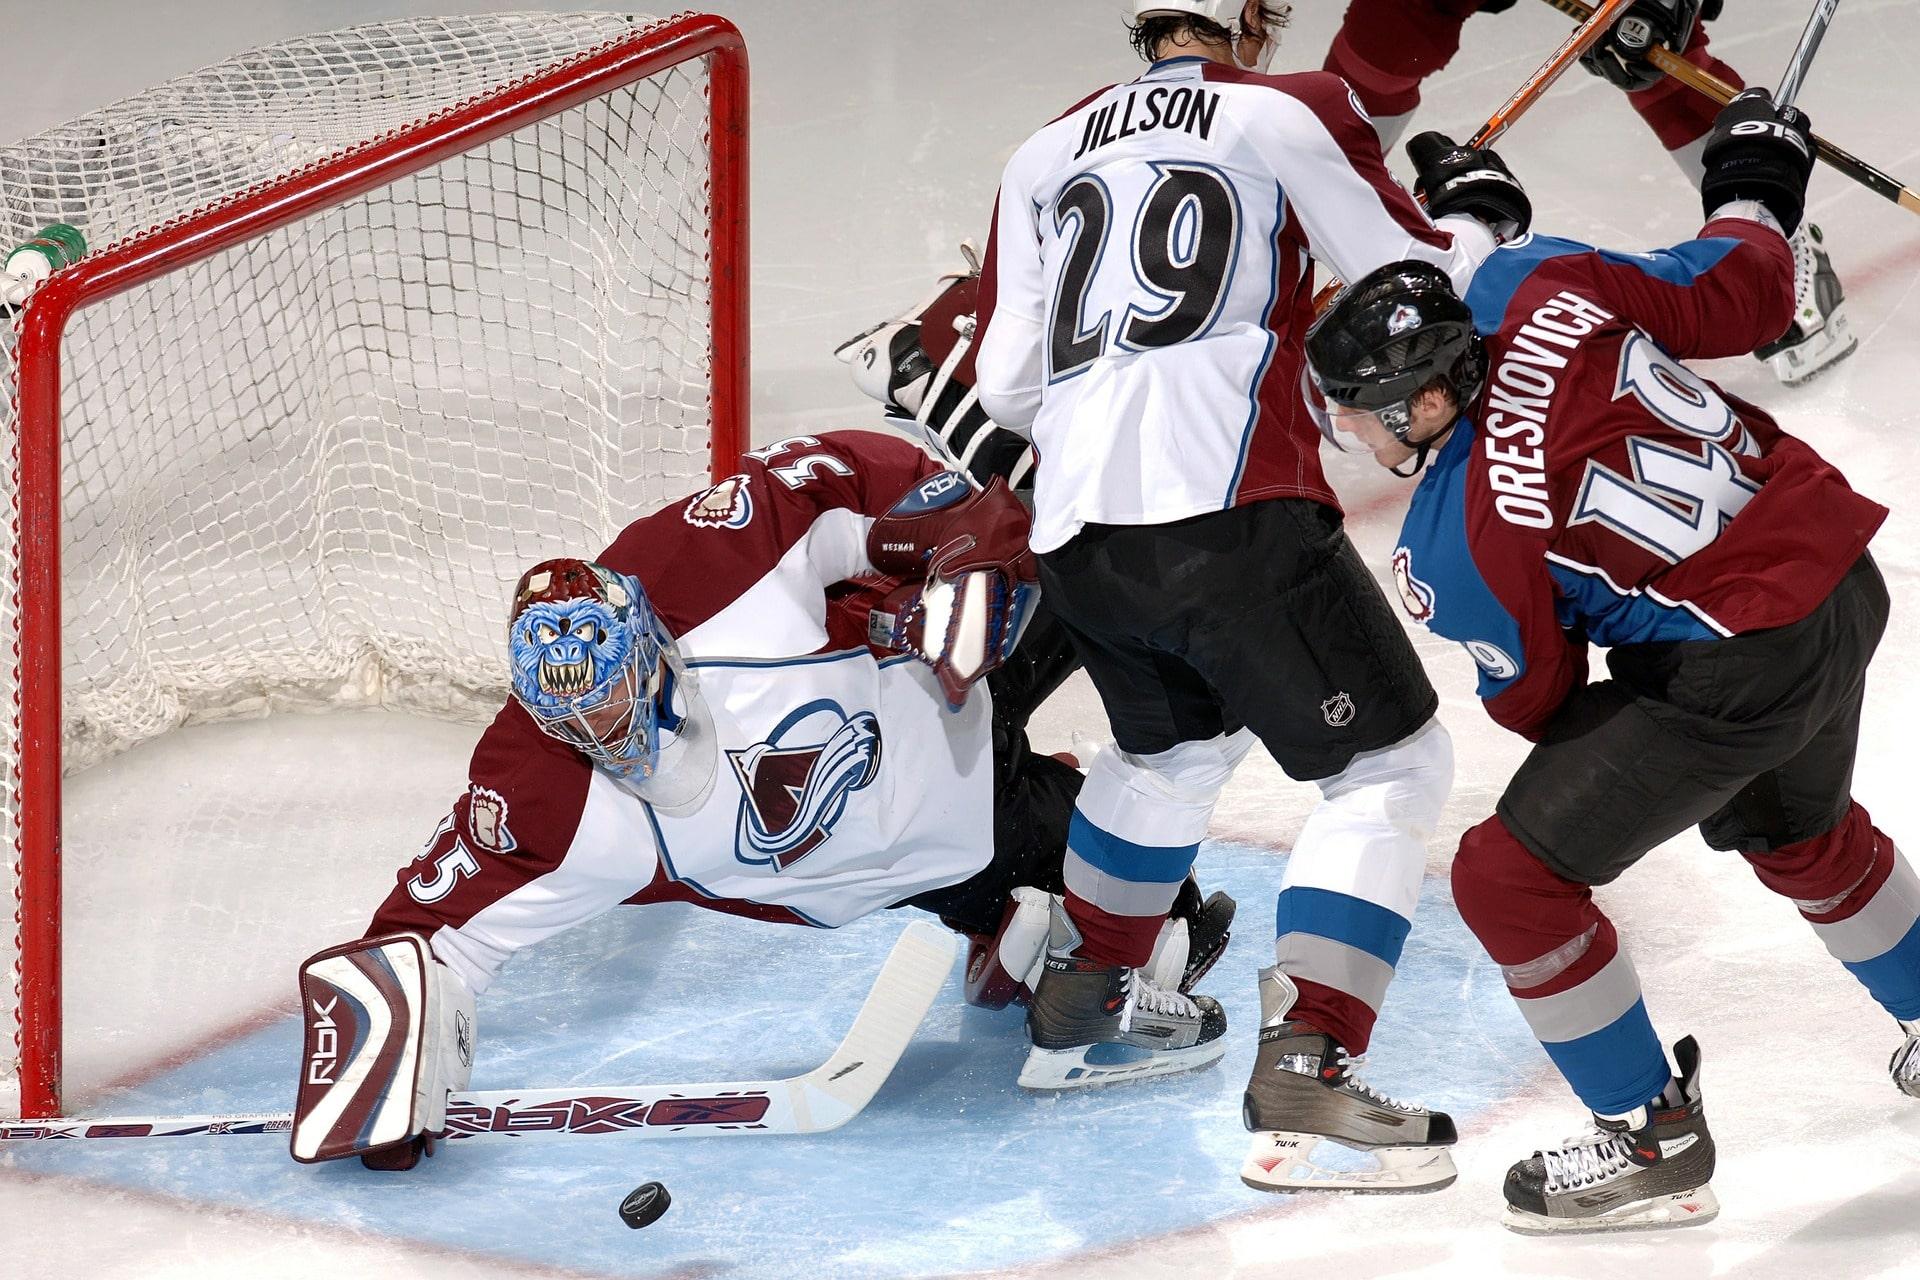 f00258aae1a EHBO-koffer ijshockey